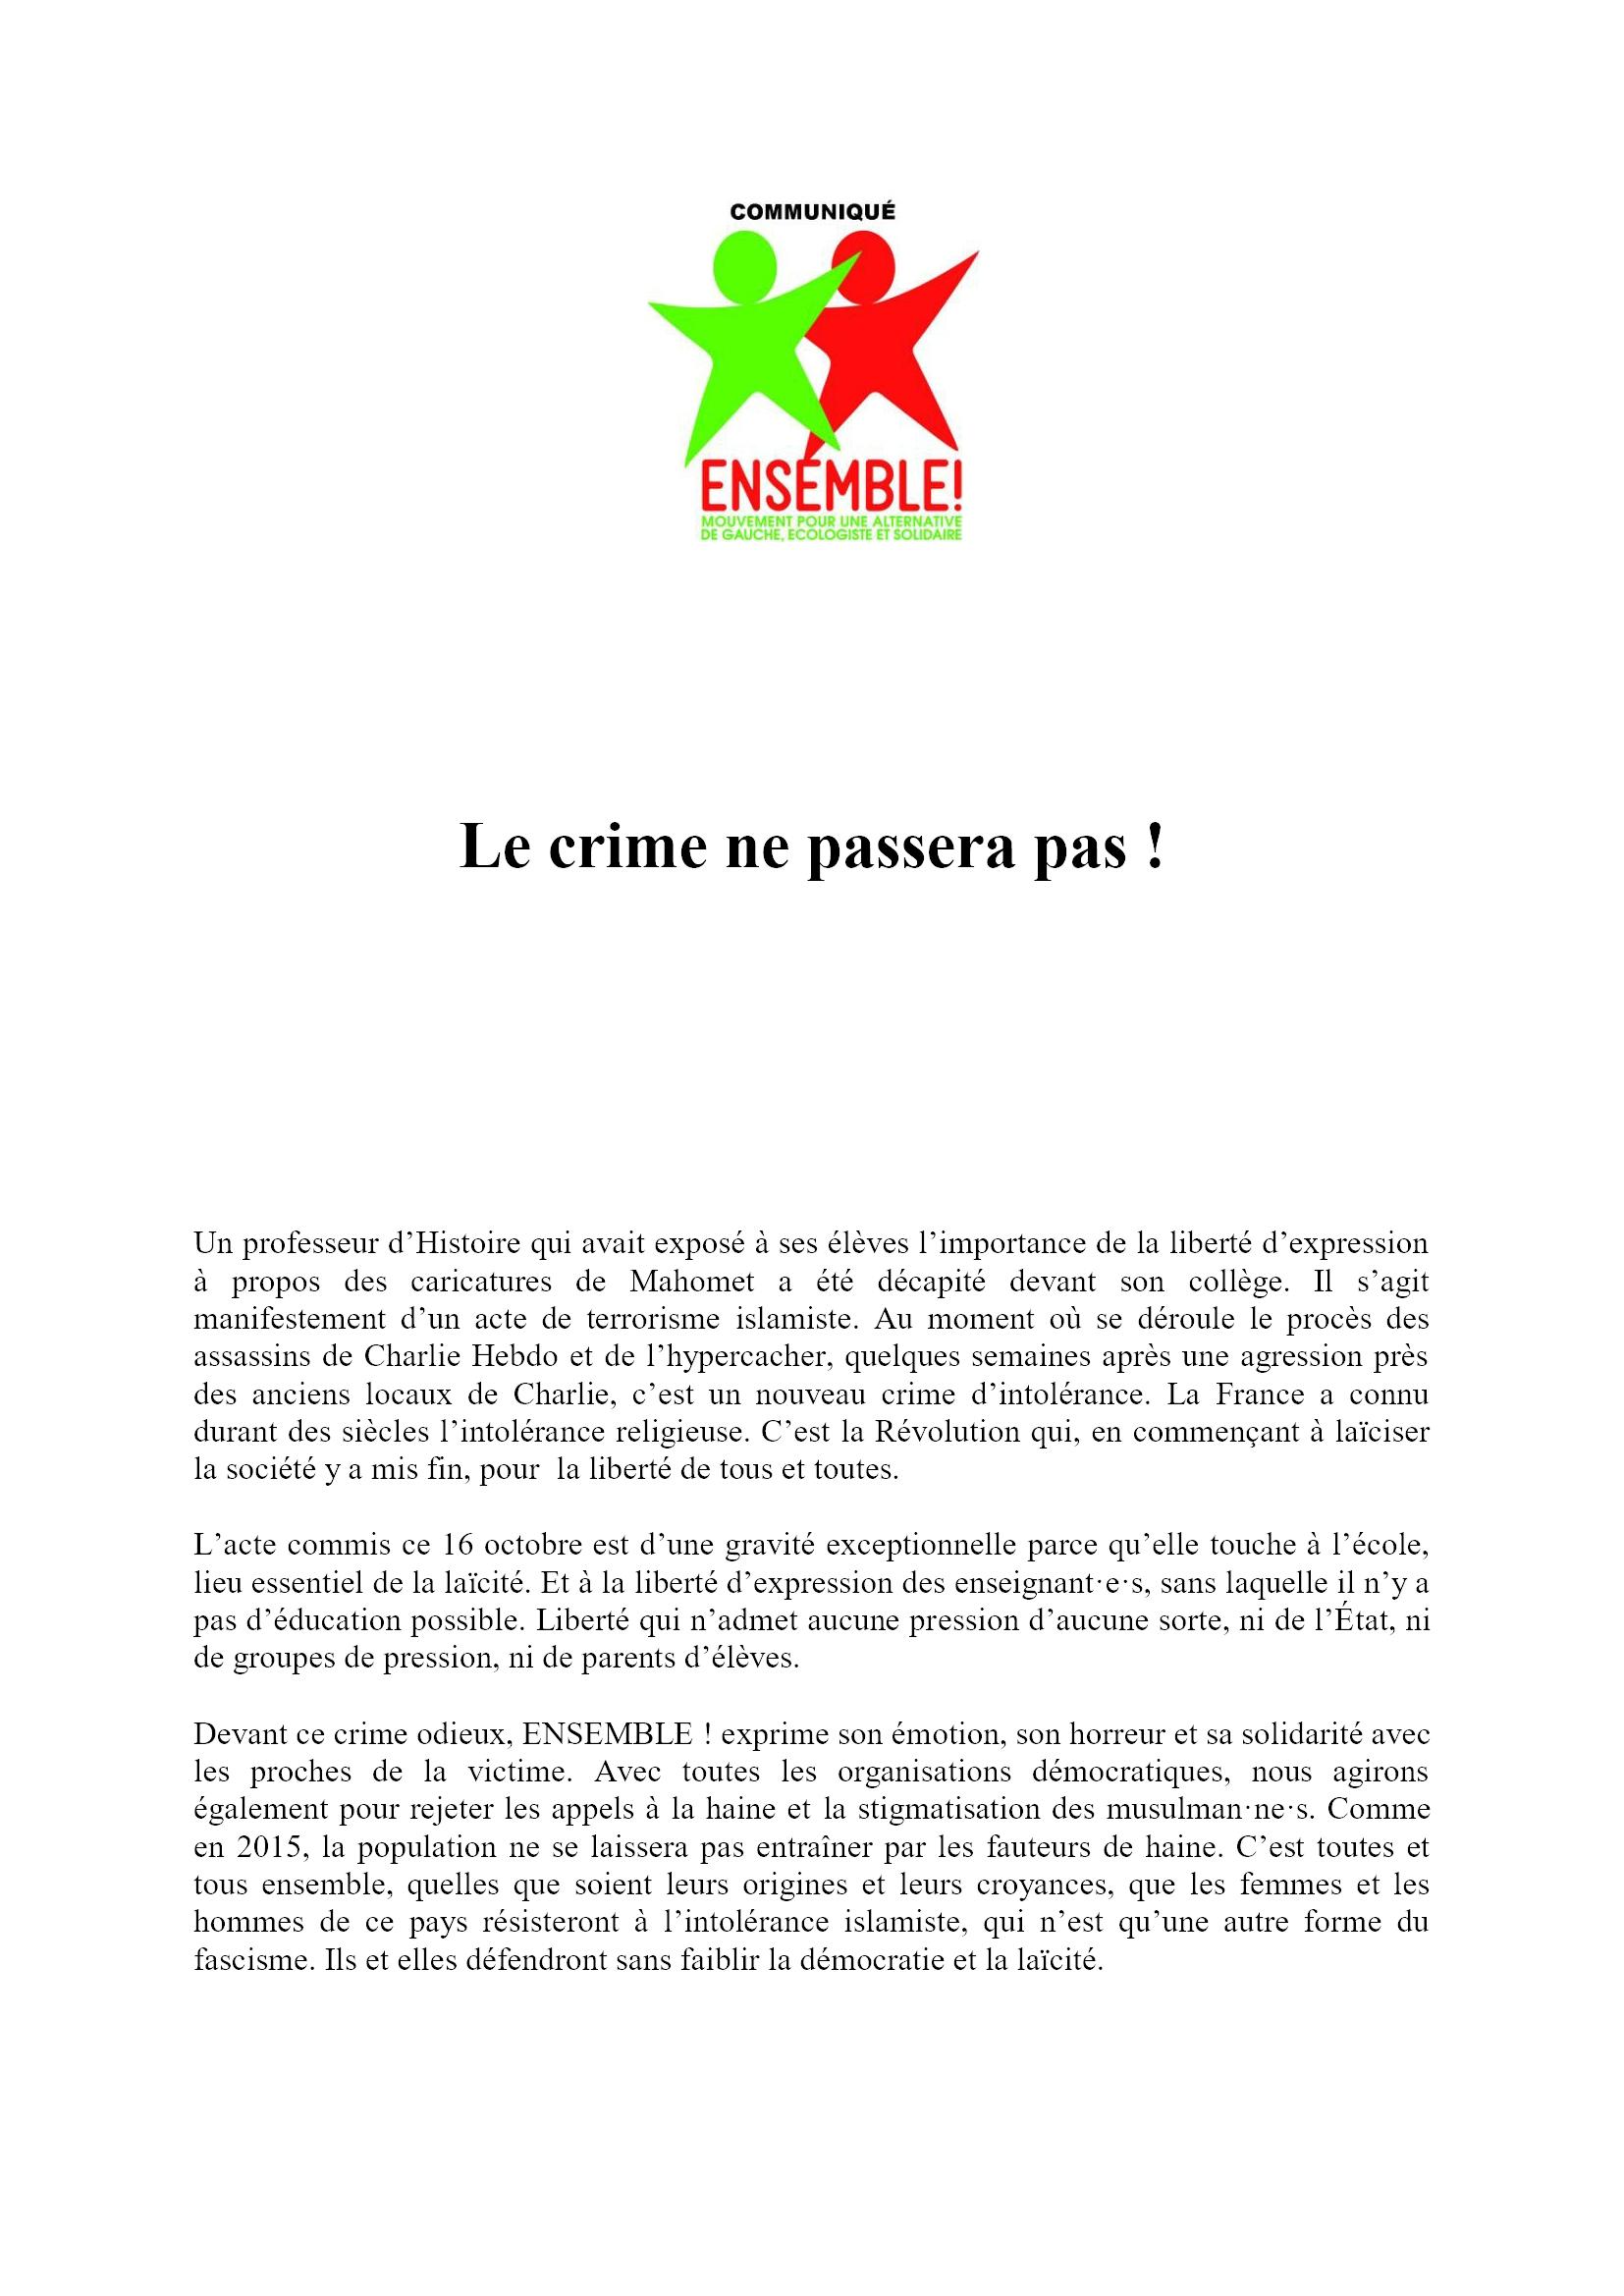 E! ComPress 17-10-2020 Le crime ne passera pas